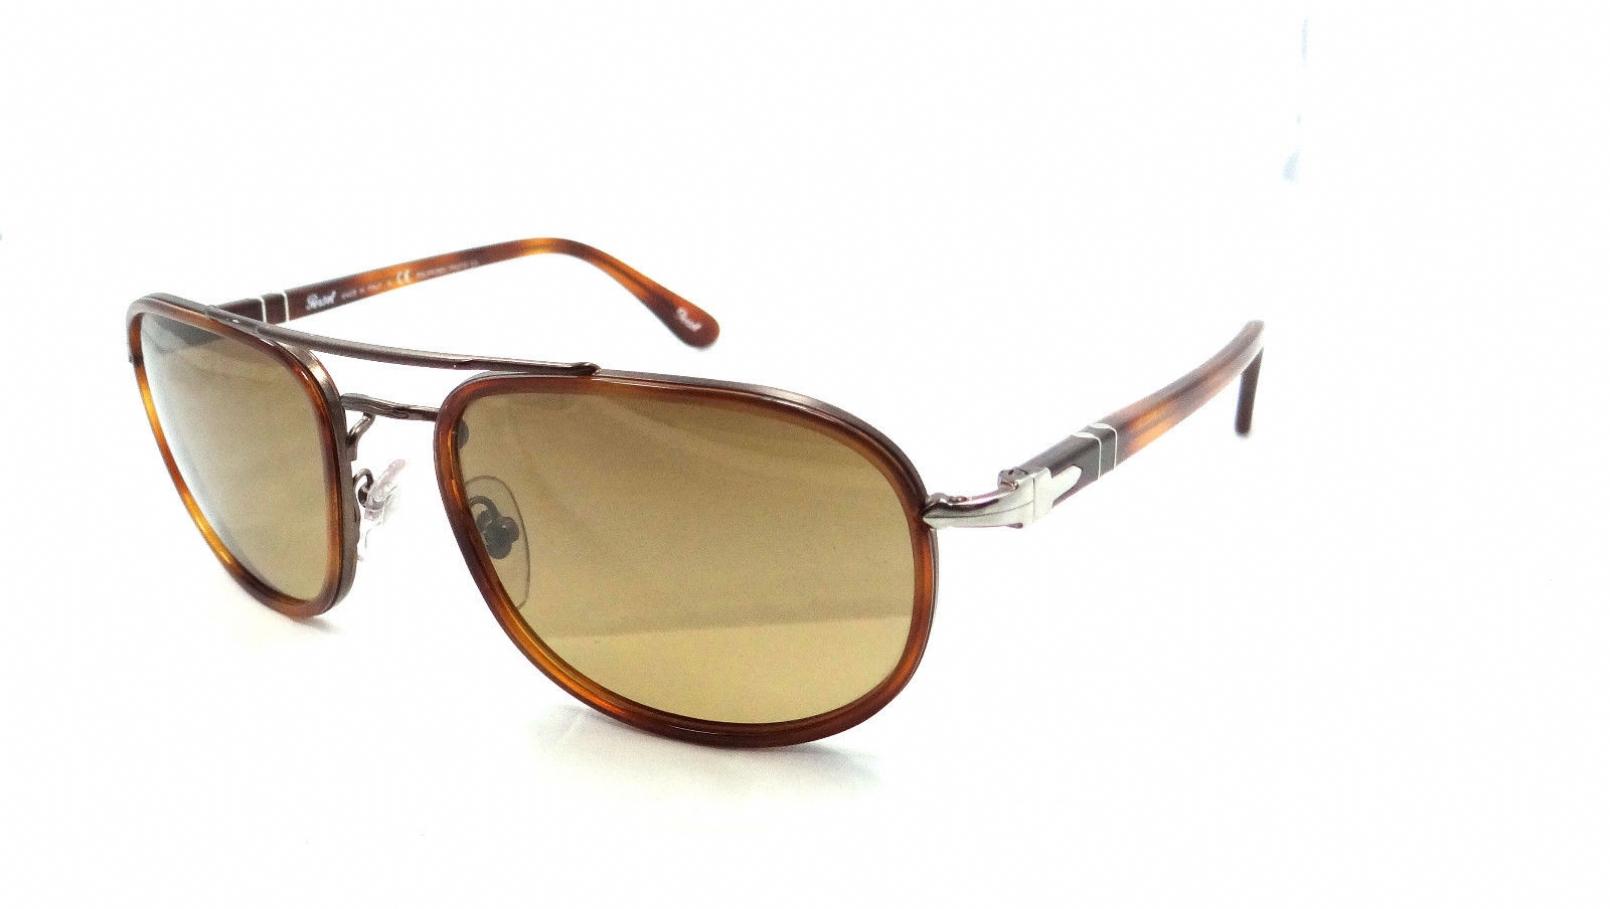 e90640f218854 Persol 2409 Sunglasses